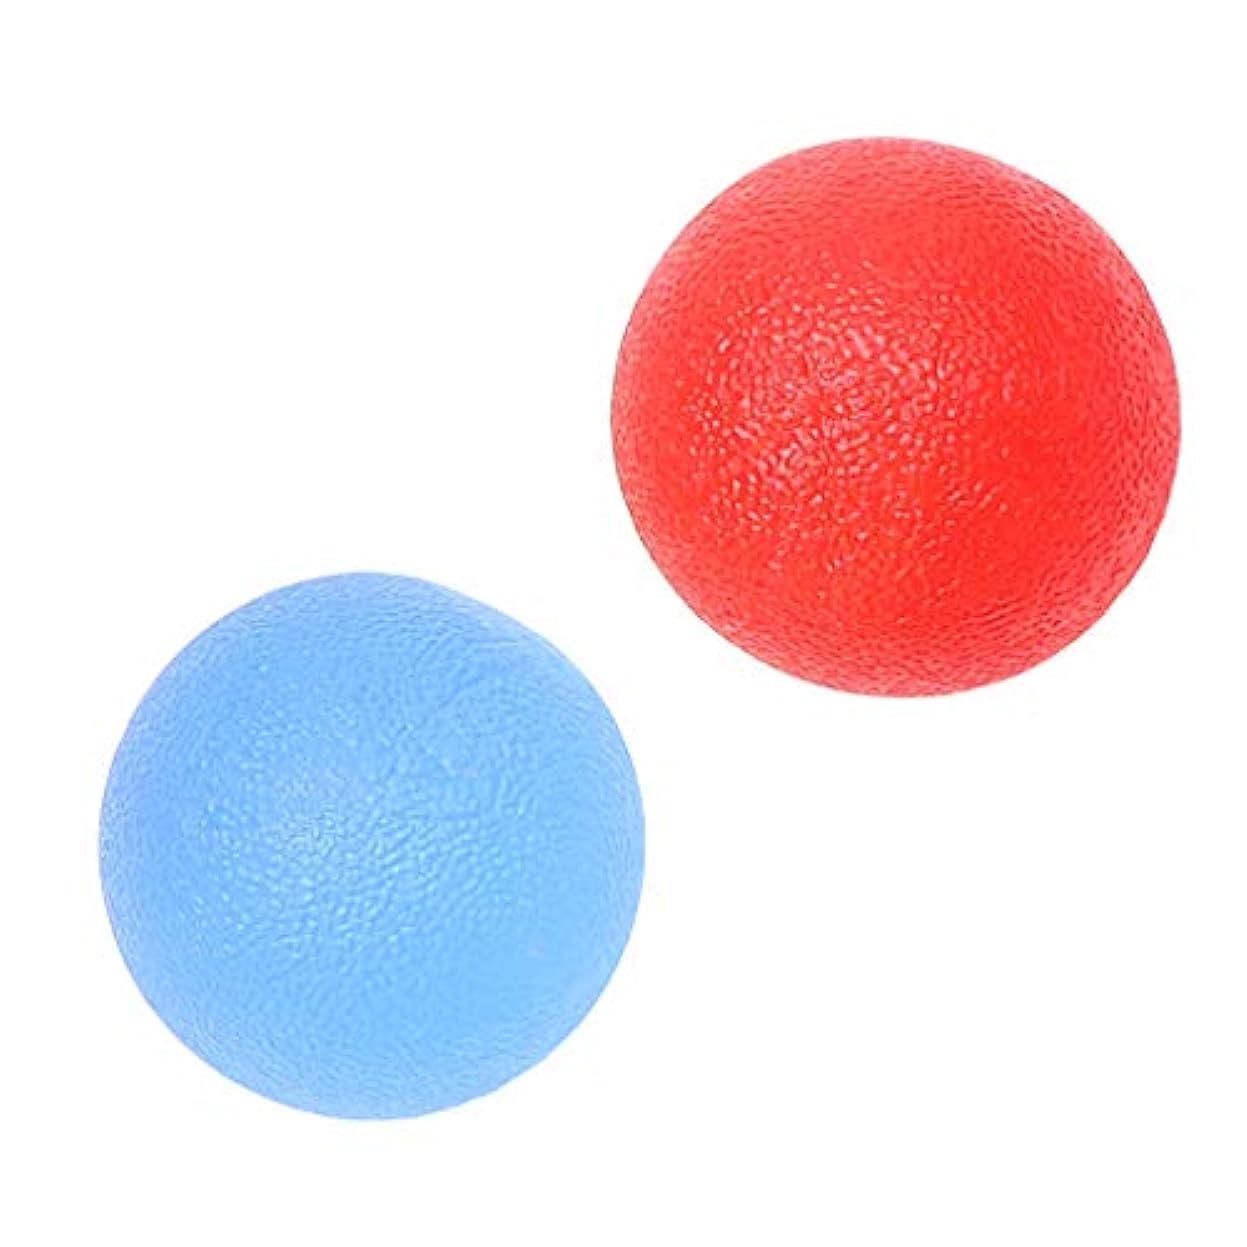 難しい品に頼るCUTICATE 2個 ハンドエクササイズボール ハンドグリップ シリコン 指トレーニング ストレス緩和 減圧 赤/青